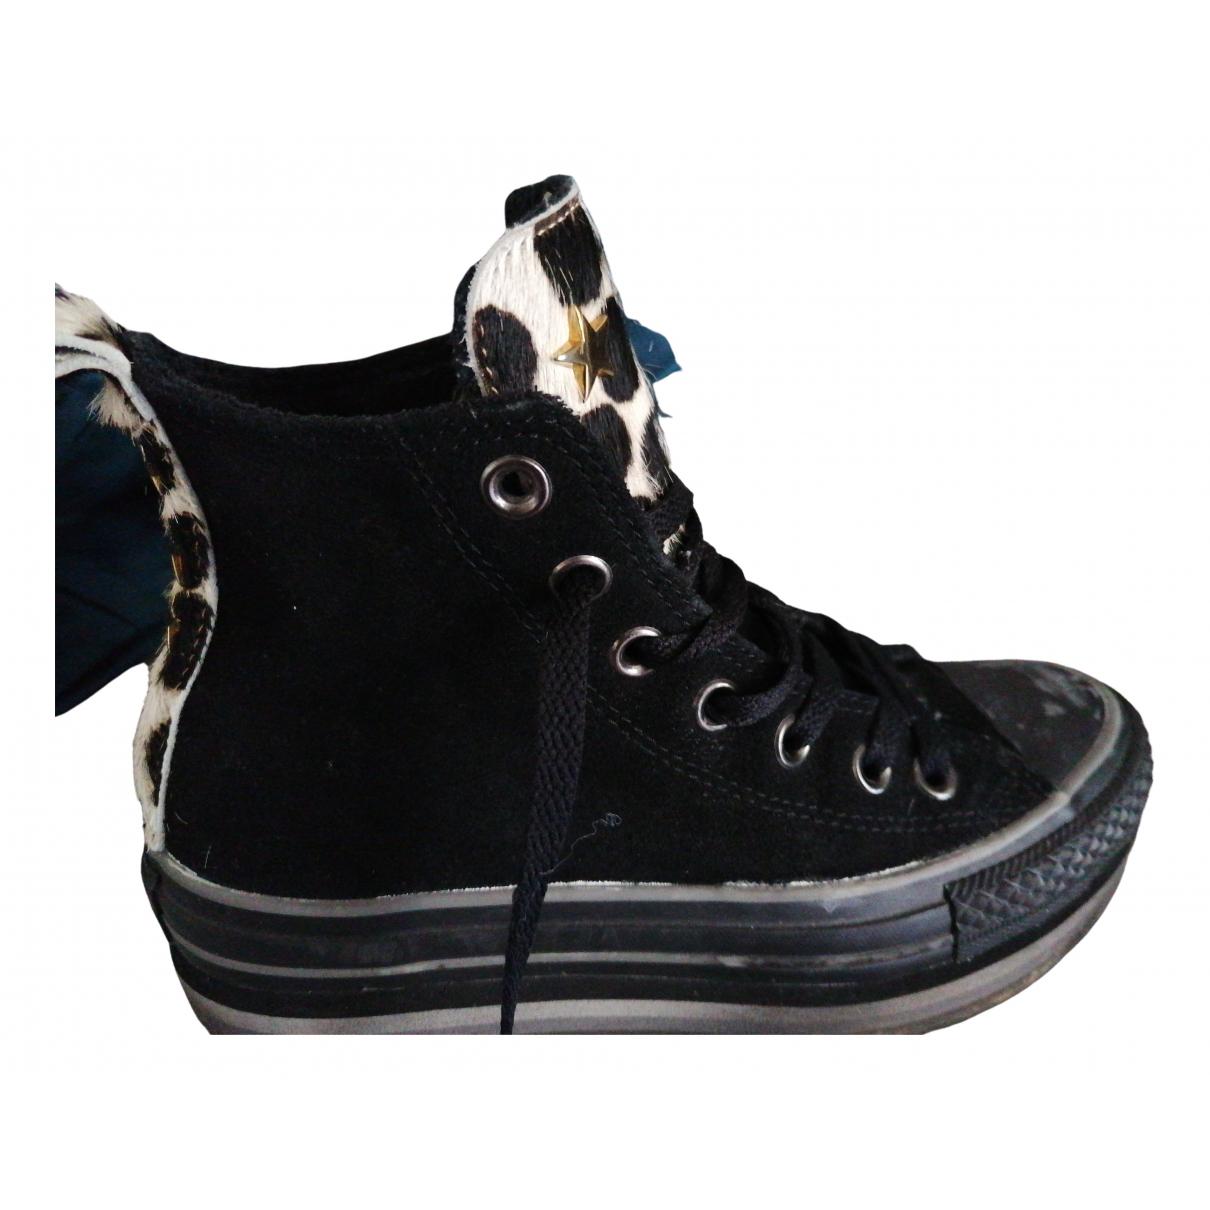 Converse \N Sneakers in  Schwarz Kalbsleder in Pony-Optik